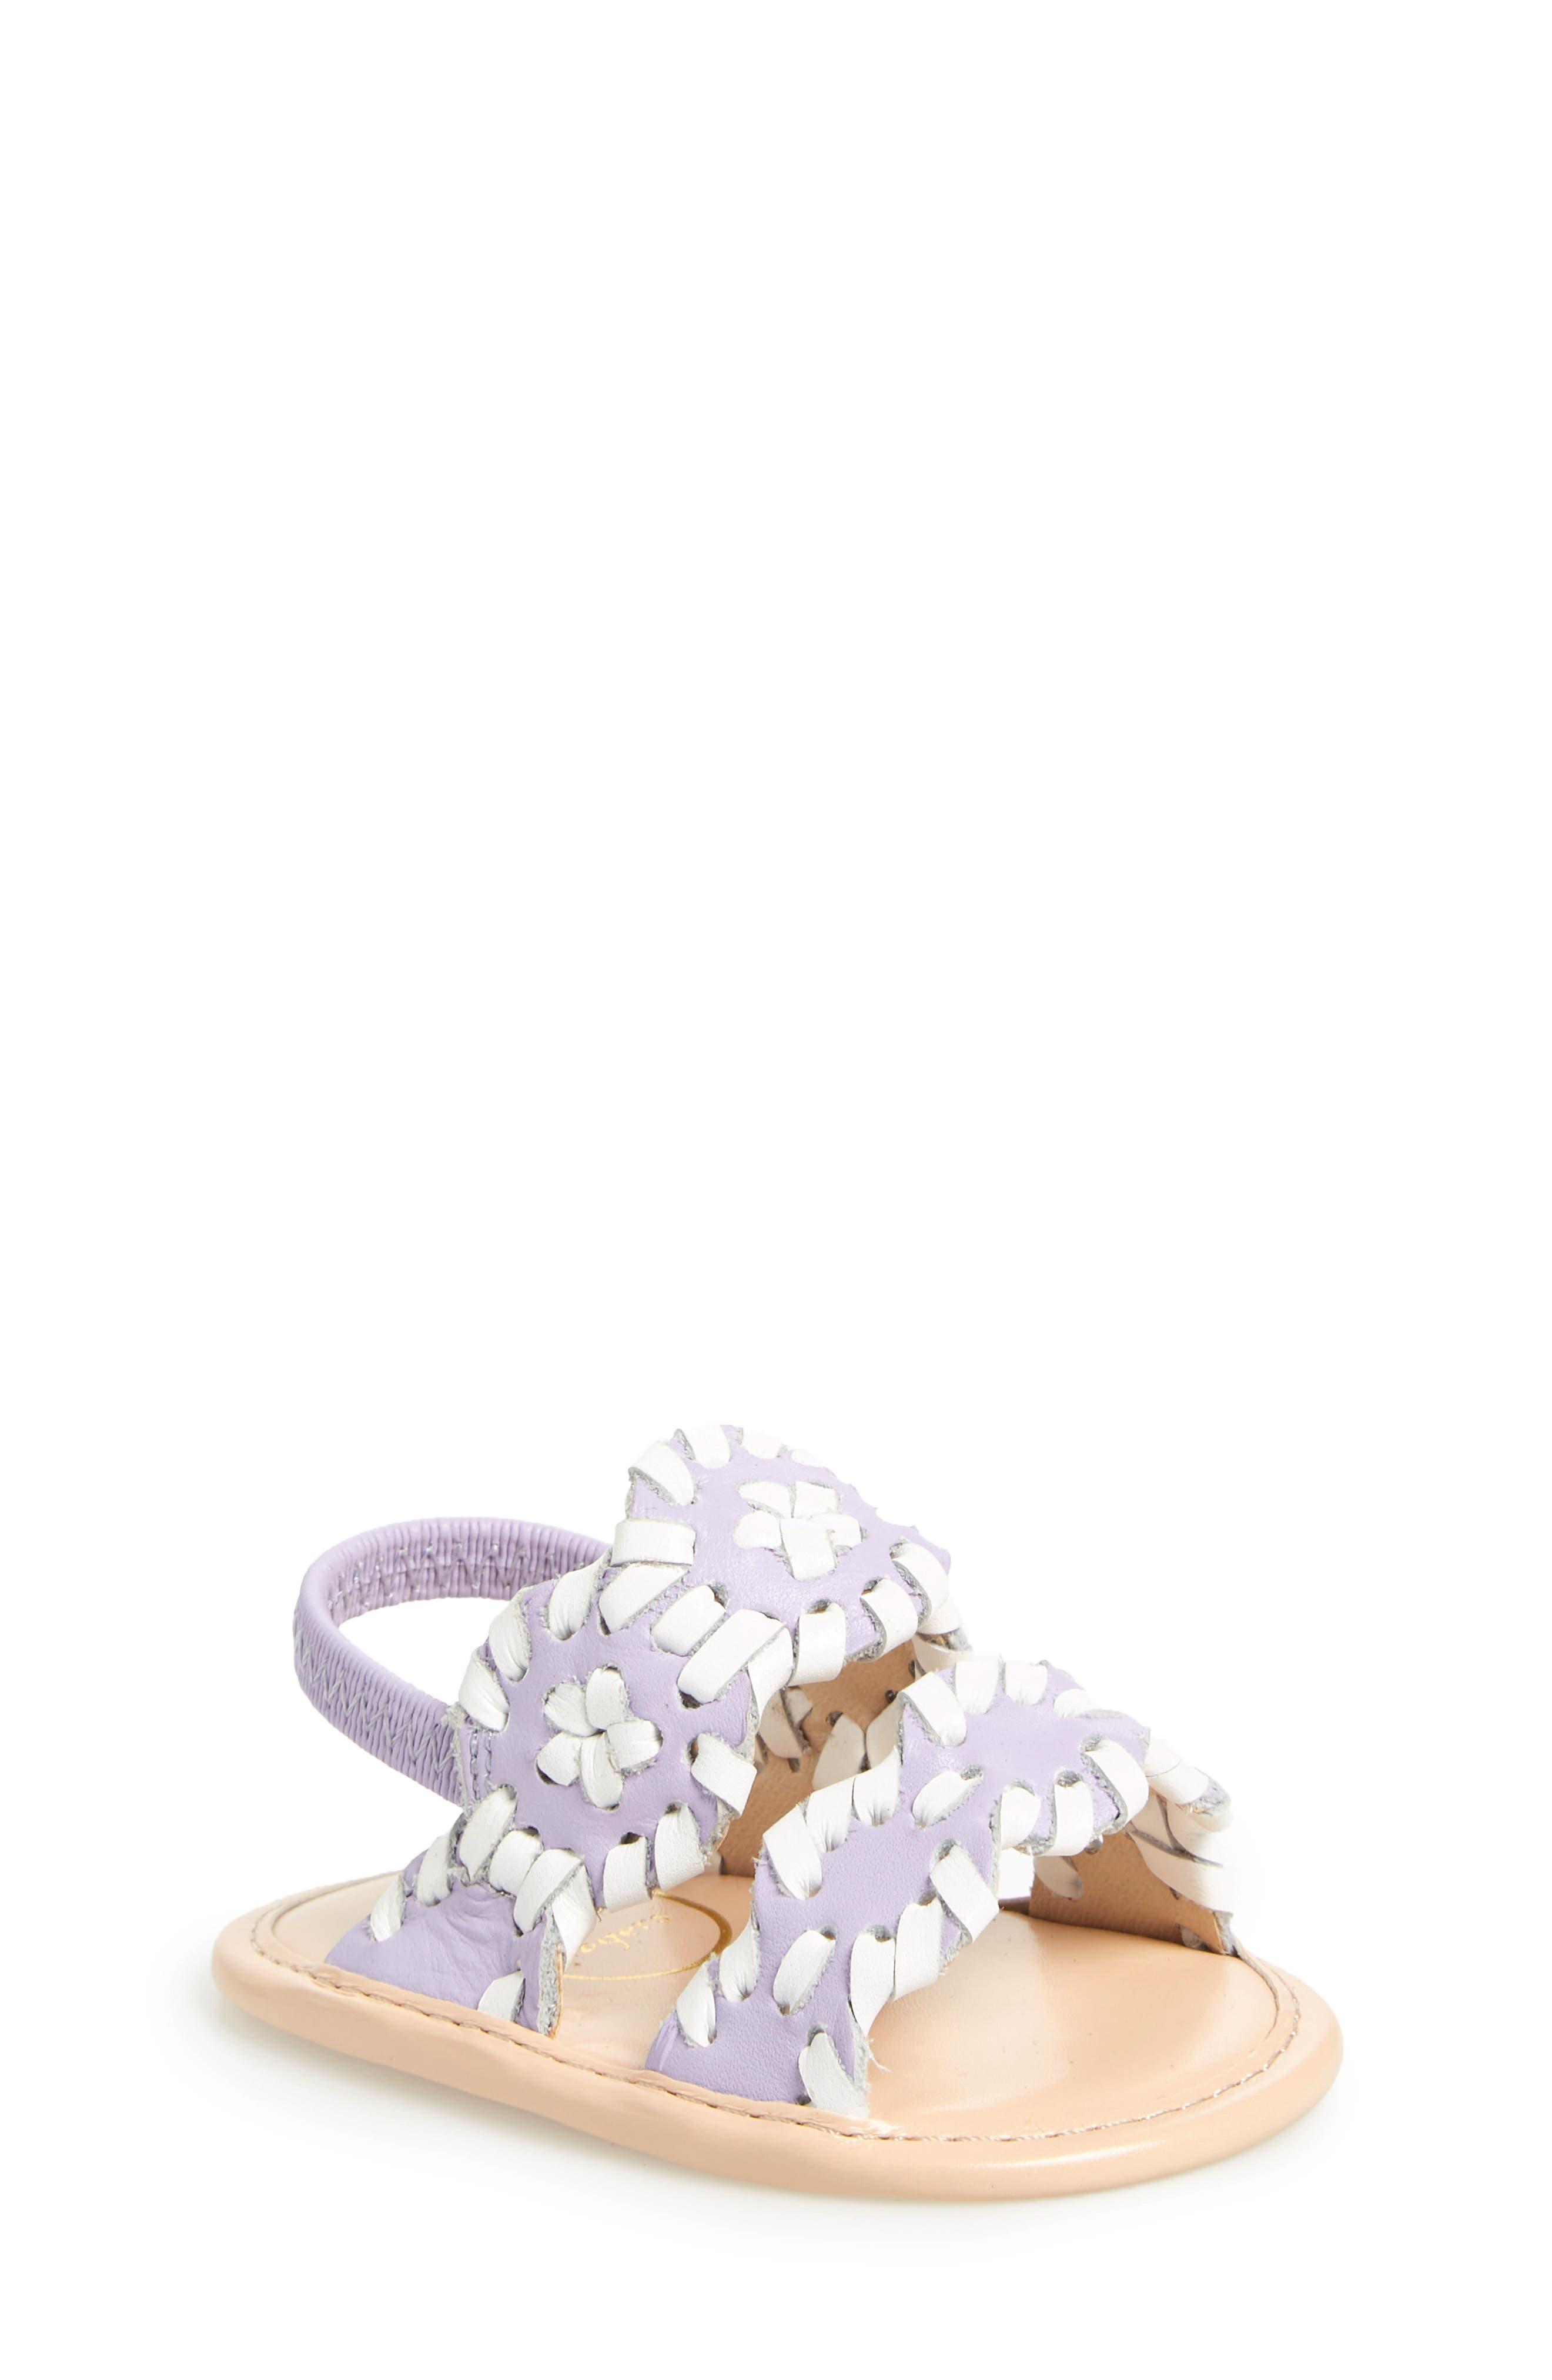 'Lauren' Sandal,                             Main thumbnail 1, color,                             Lilac/ White Leather